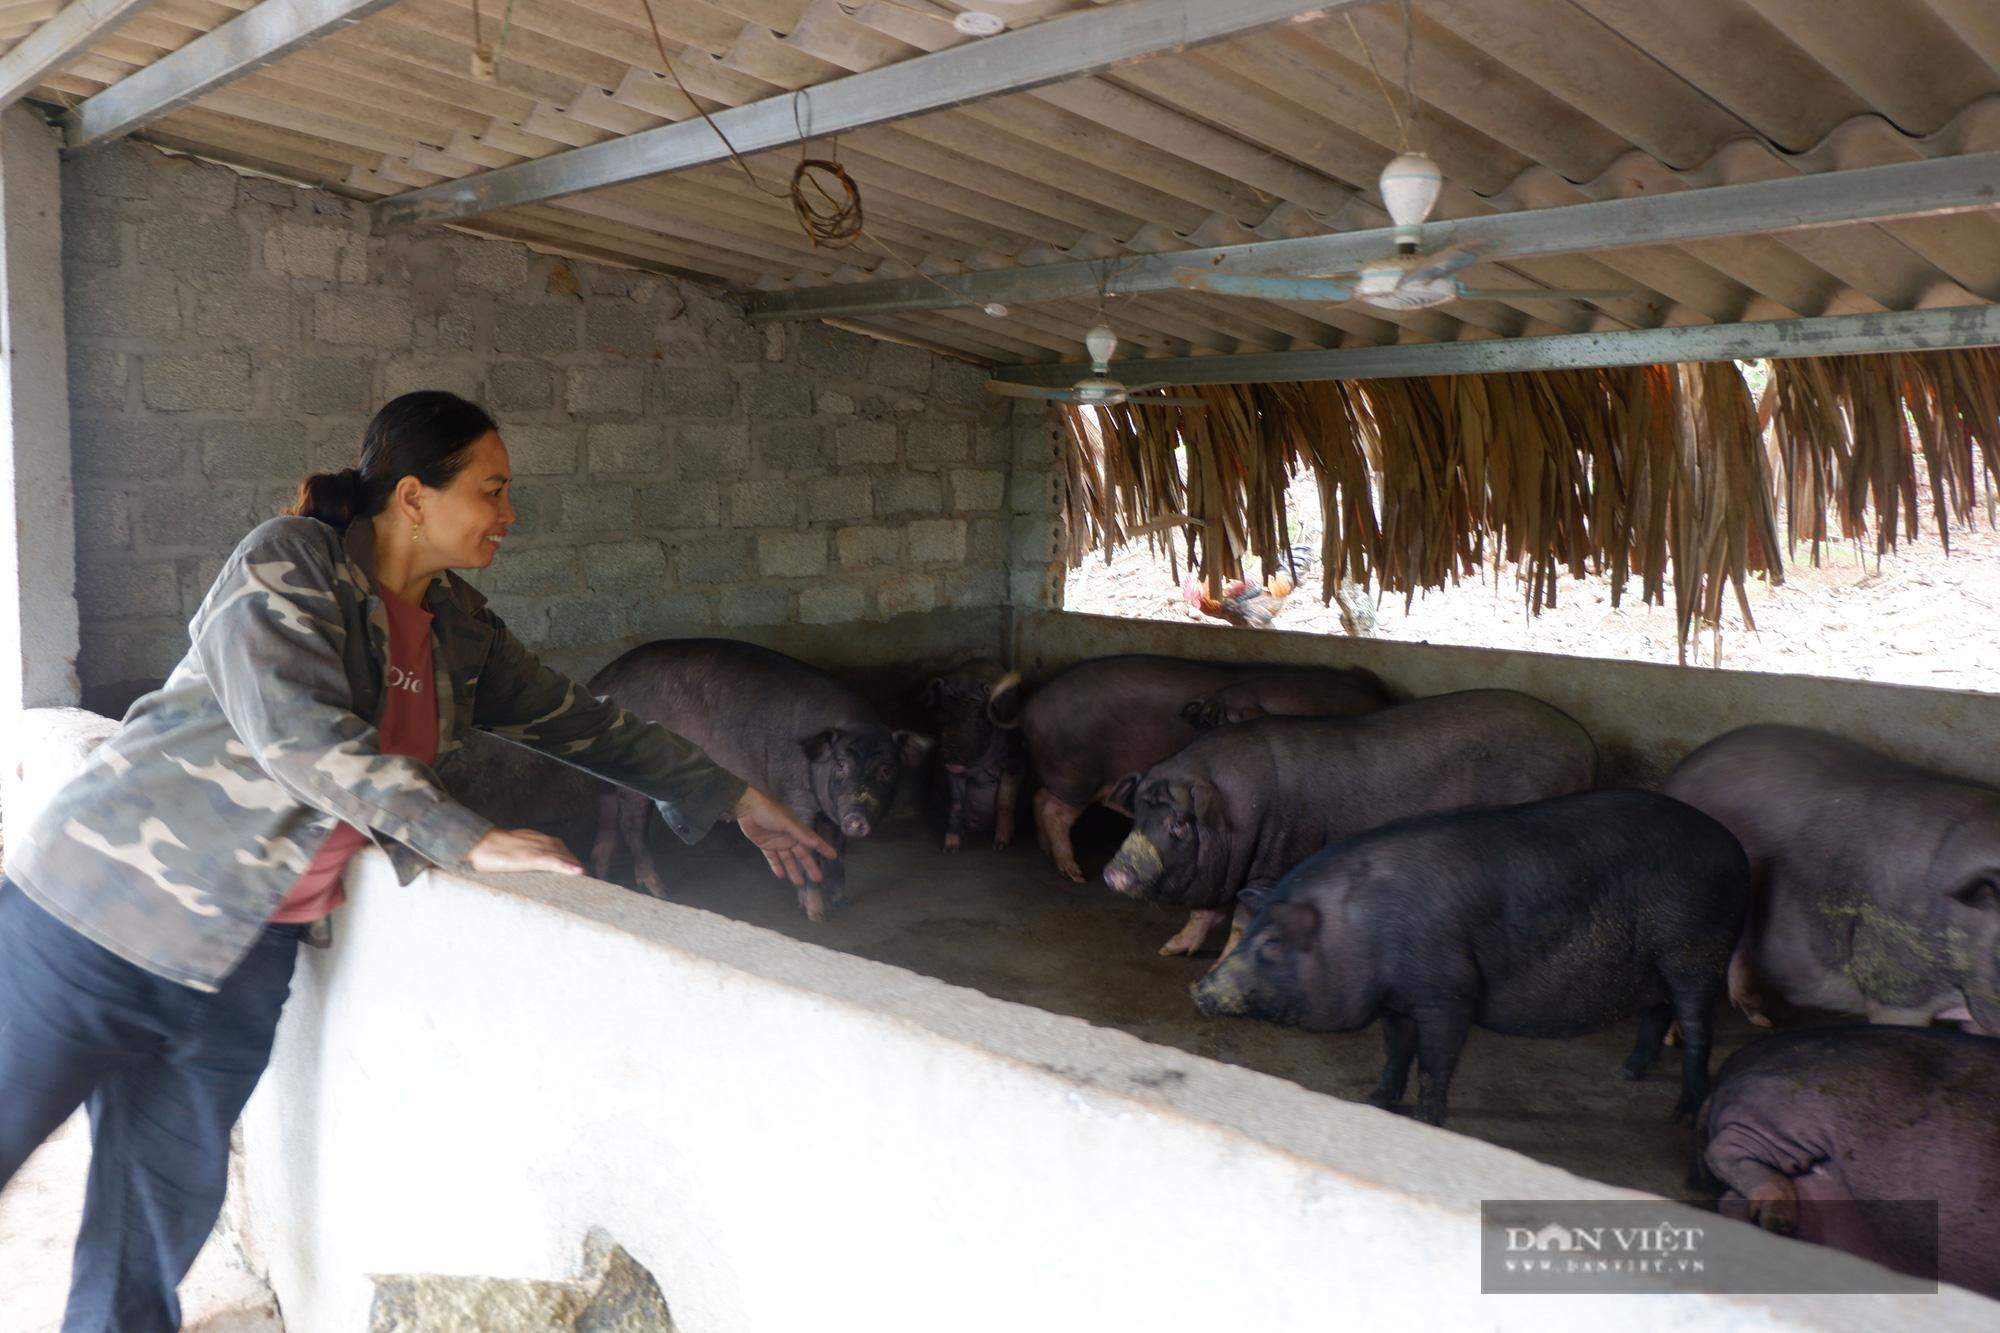 Hà Giang: Trên trồng thứ na đặc sản, dưới nuôi gà chạy bộ đầy vườn, dân ở đây thu hàng trăm triệu/năm không hiếm - Ảnh 3.